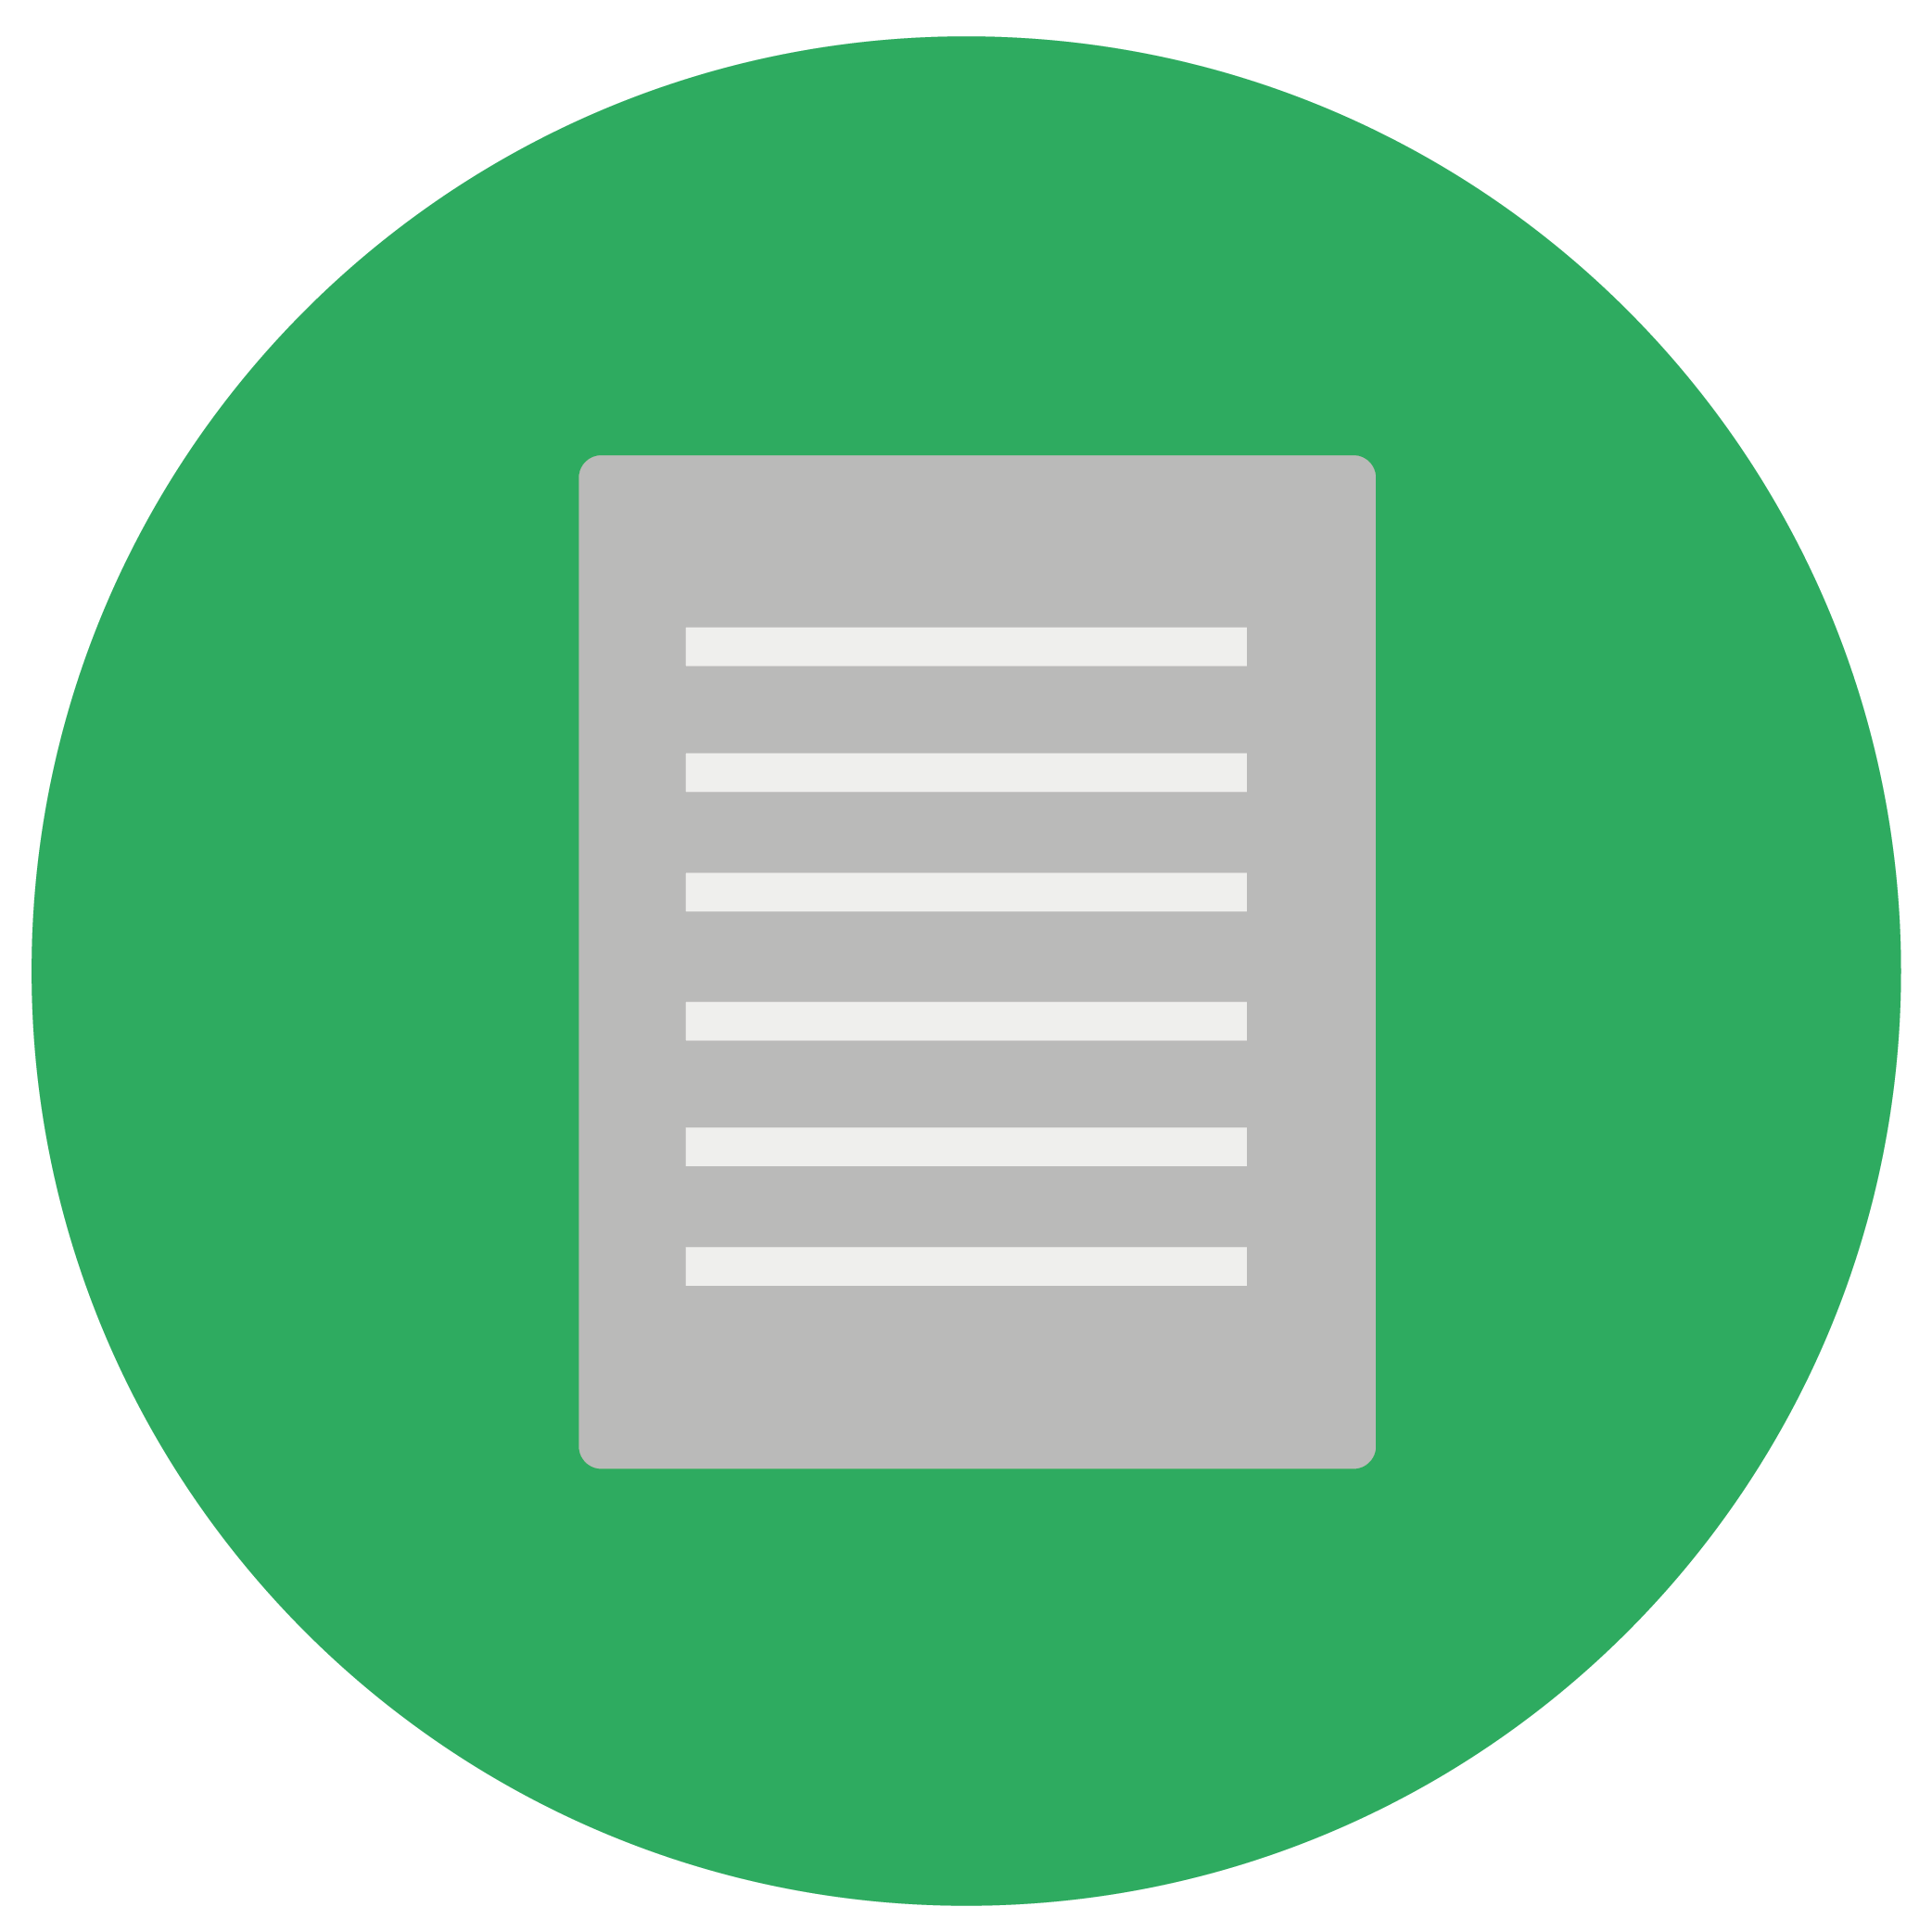 Referrals icon